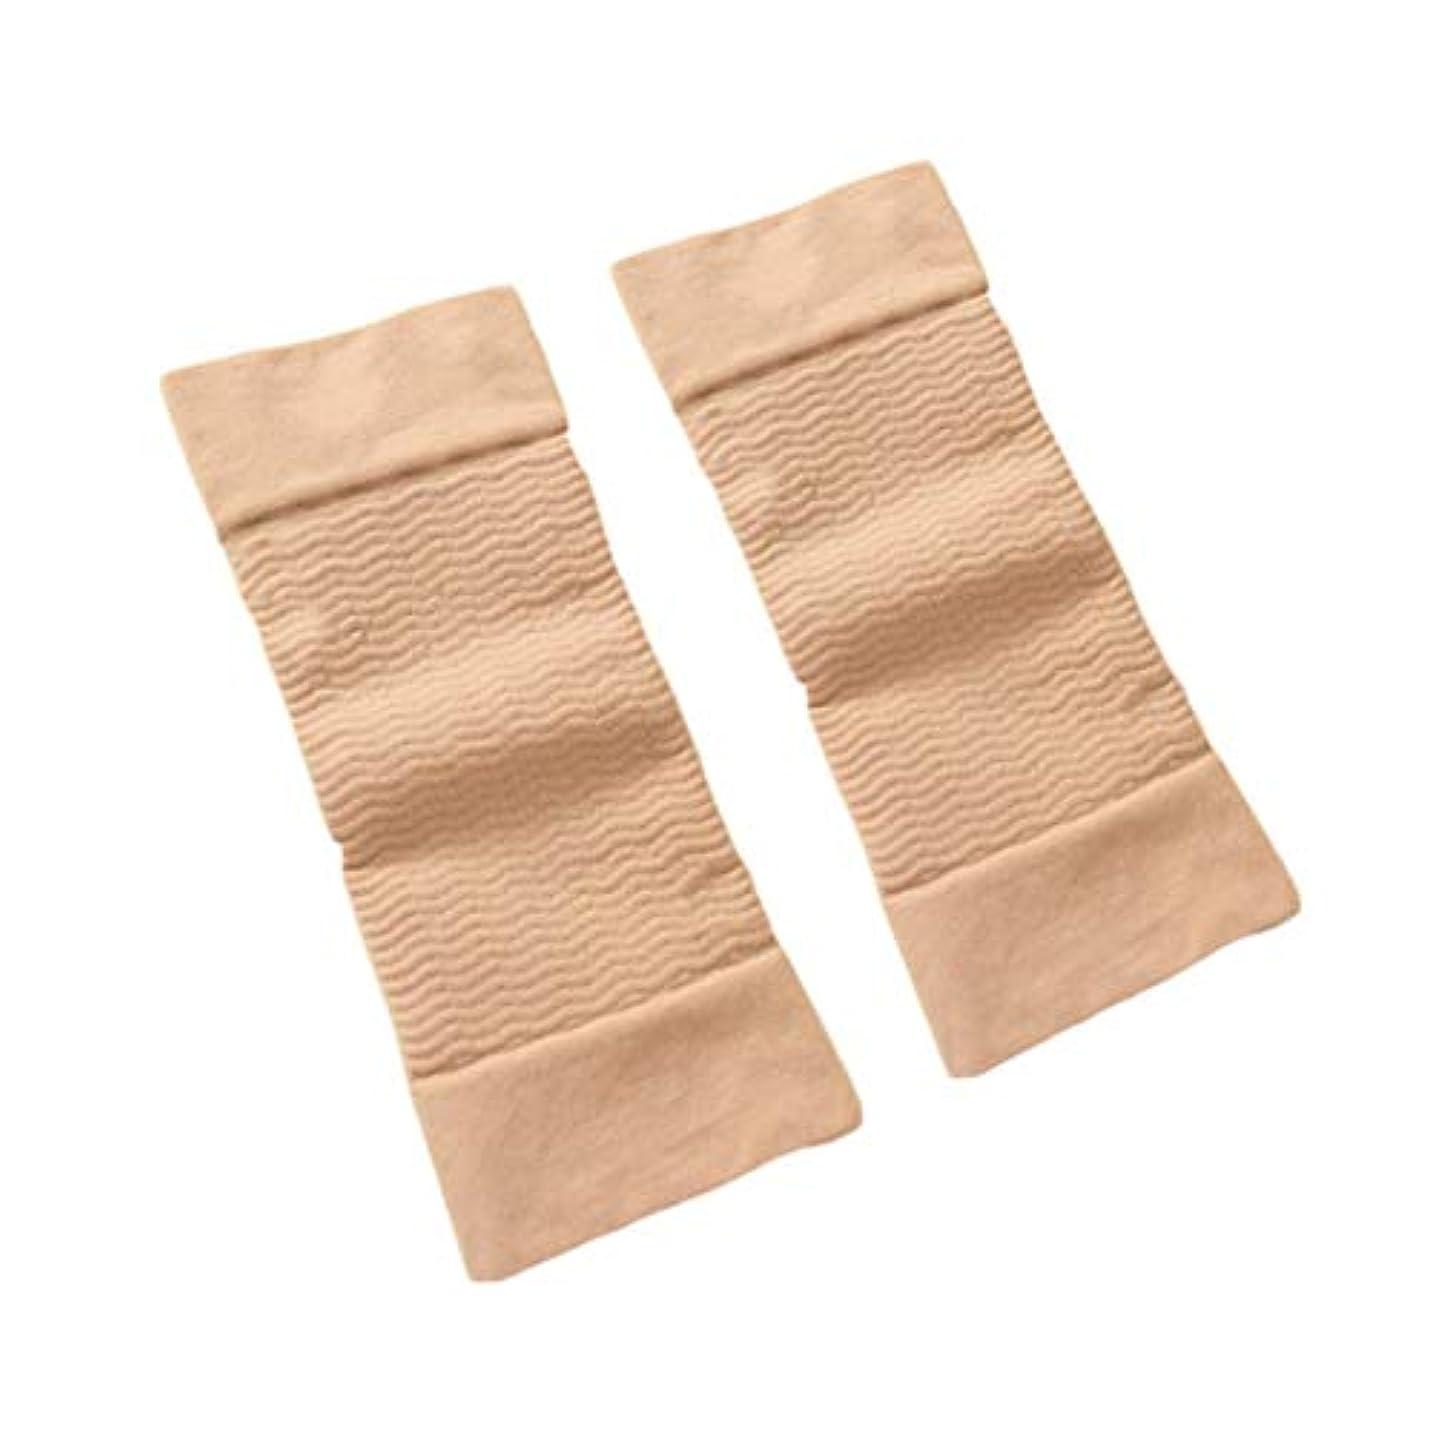 爆風取るに足らない平衡1ペア420 D圧縮痩身アームスリーブワークアウトトーニングバーンセルライトシェイパー脂肪燃焼袖用女性 - 肌色